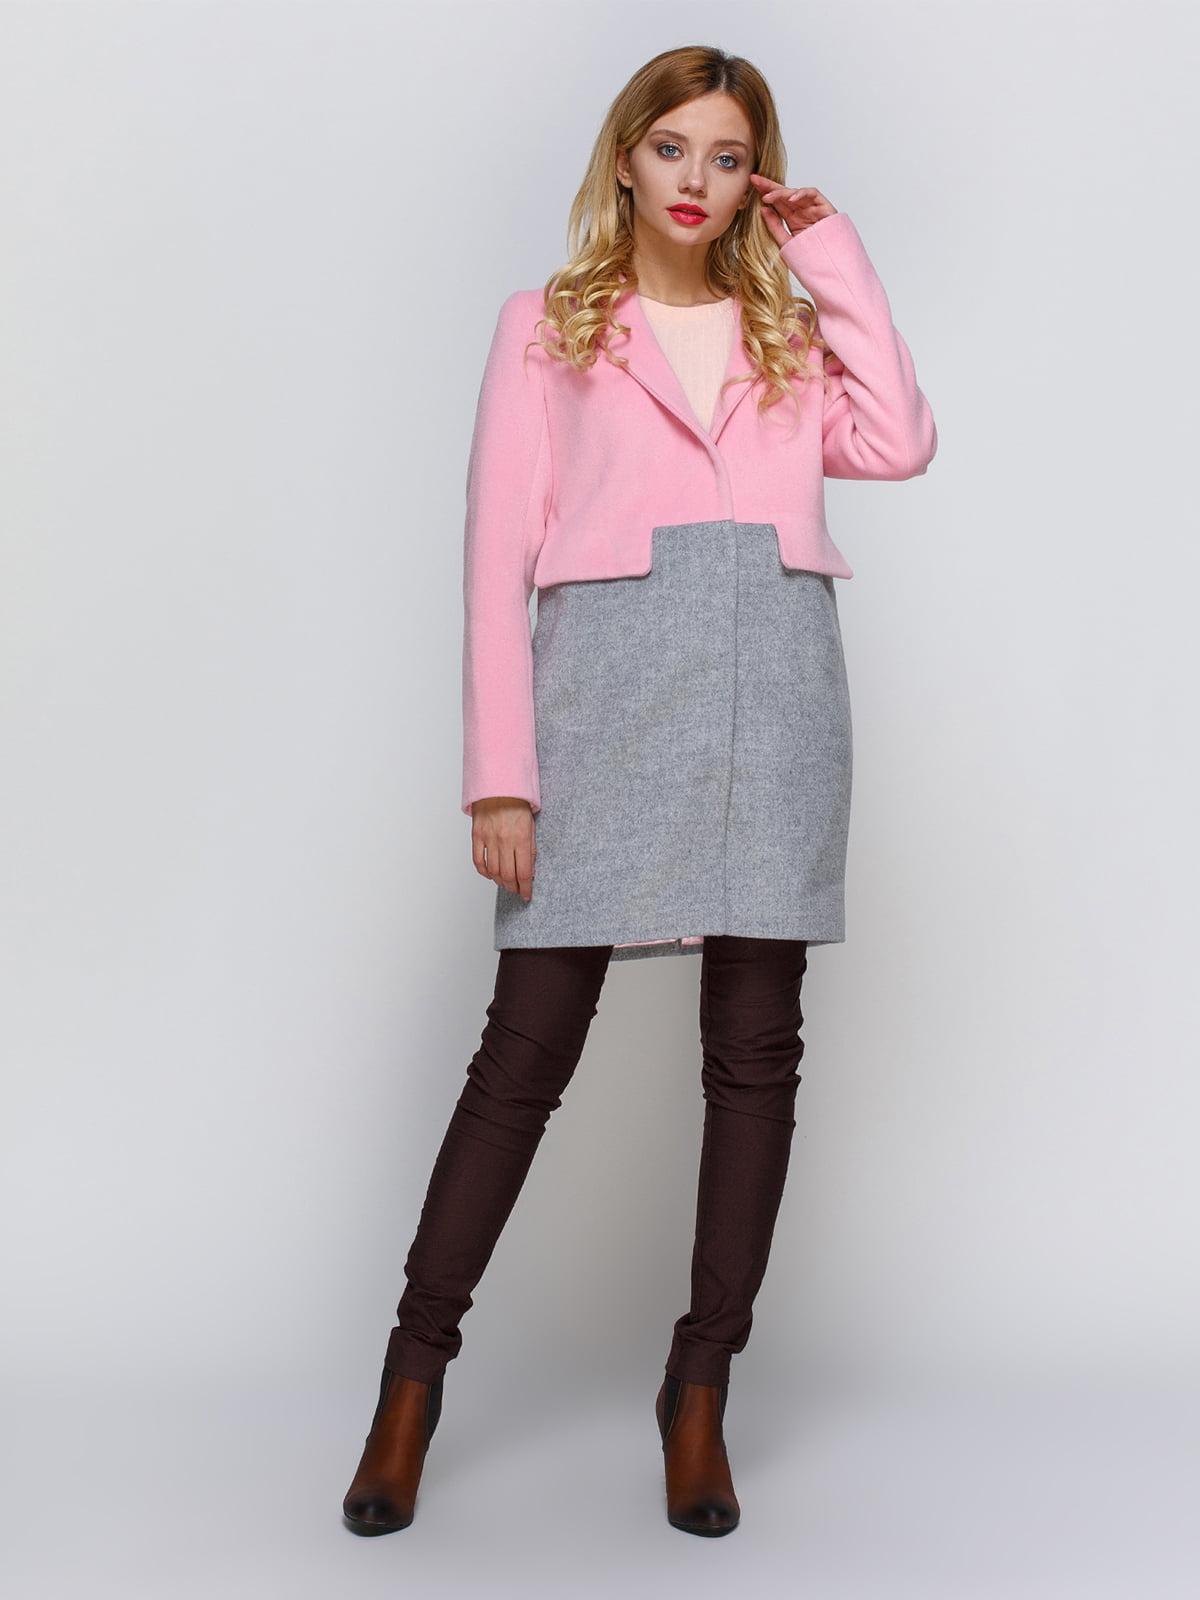 Пальто розово-серое   2194307   фото 2